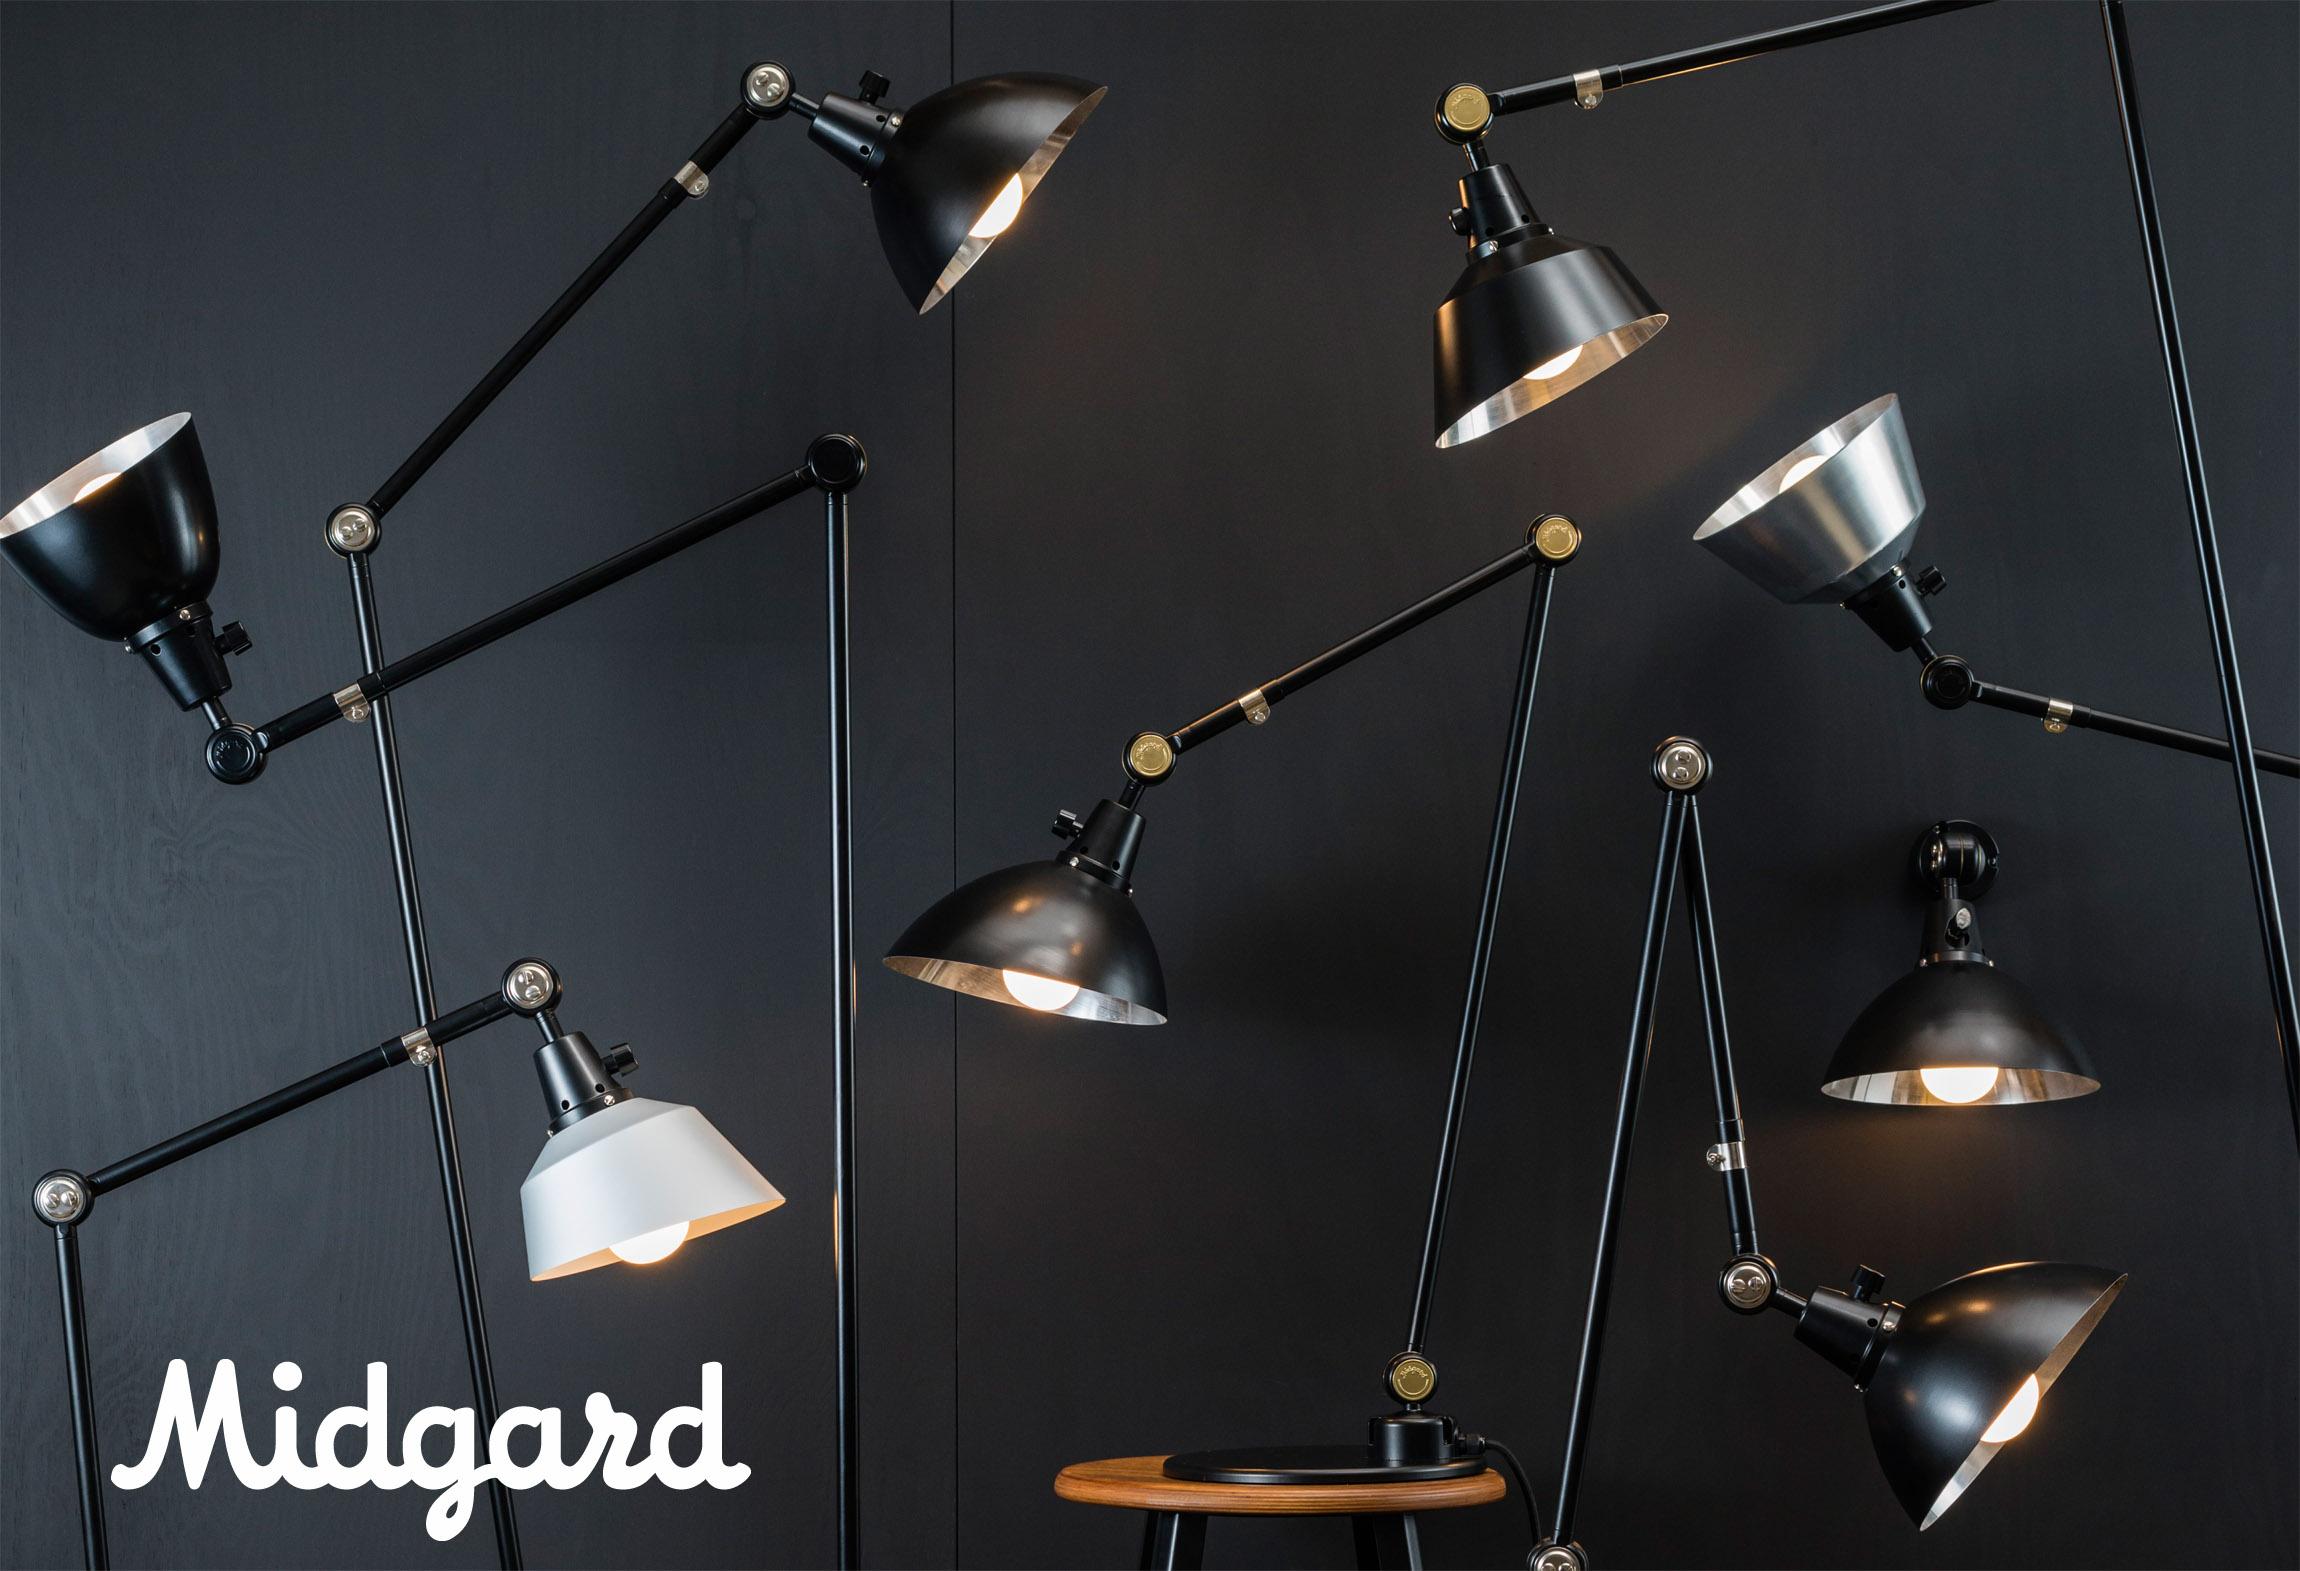 midgard leuchten nun auch in sterreich im zimmer in. Black Bedroom Furniture Sets. Home Design Ideas